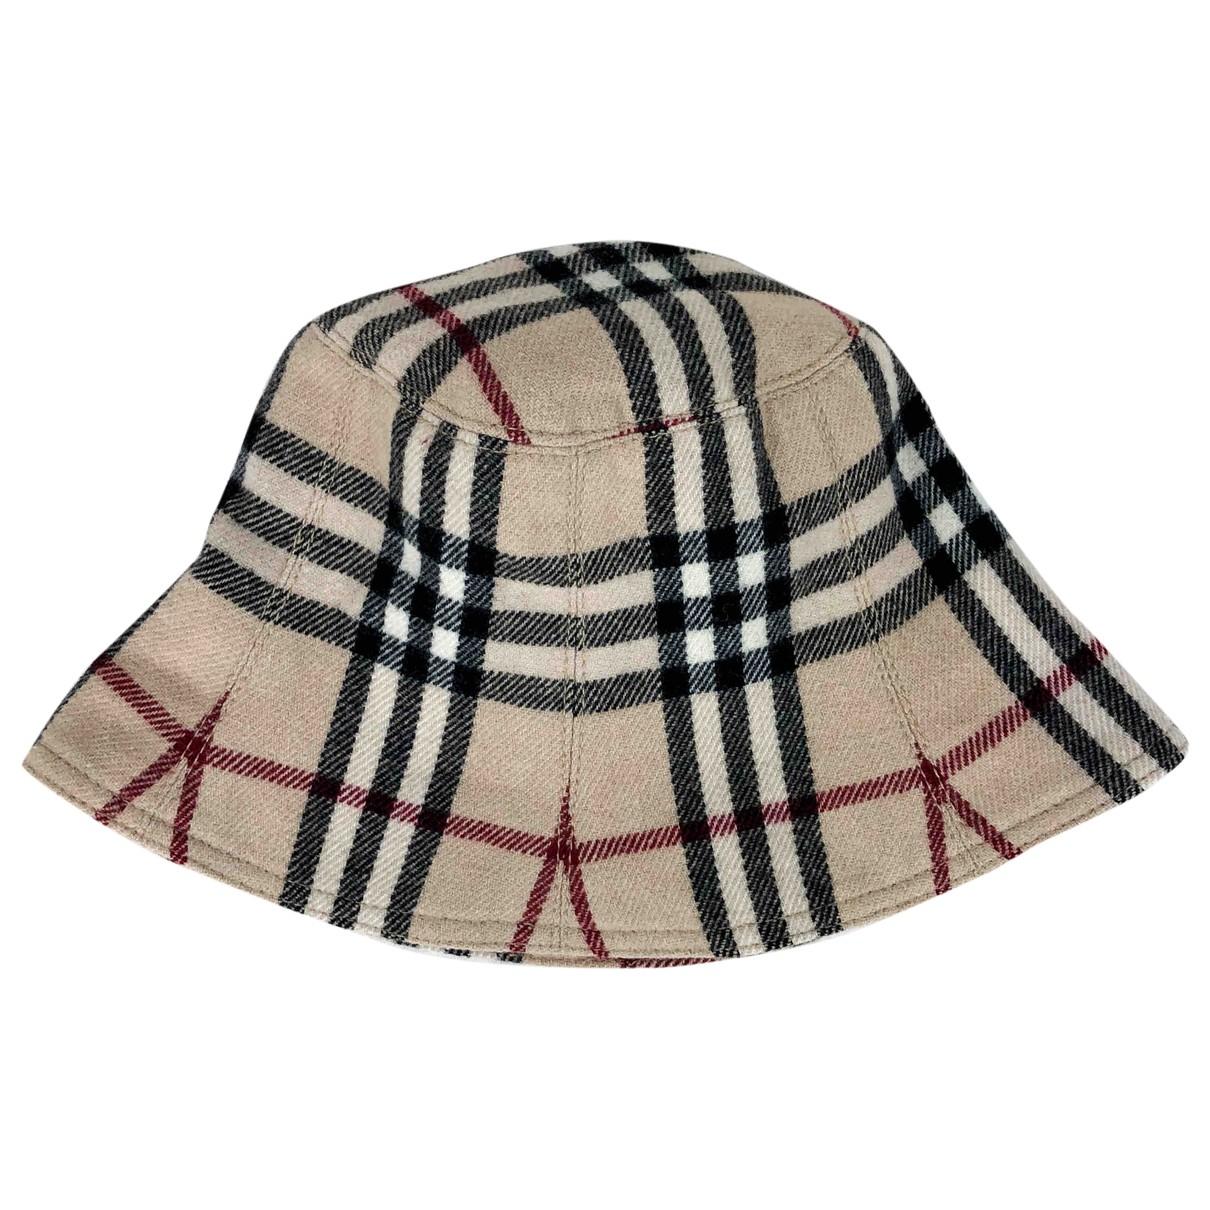 Burberry \N Beige Wool hat for Women M International